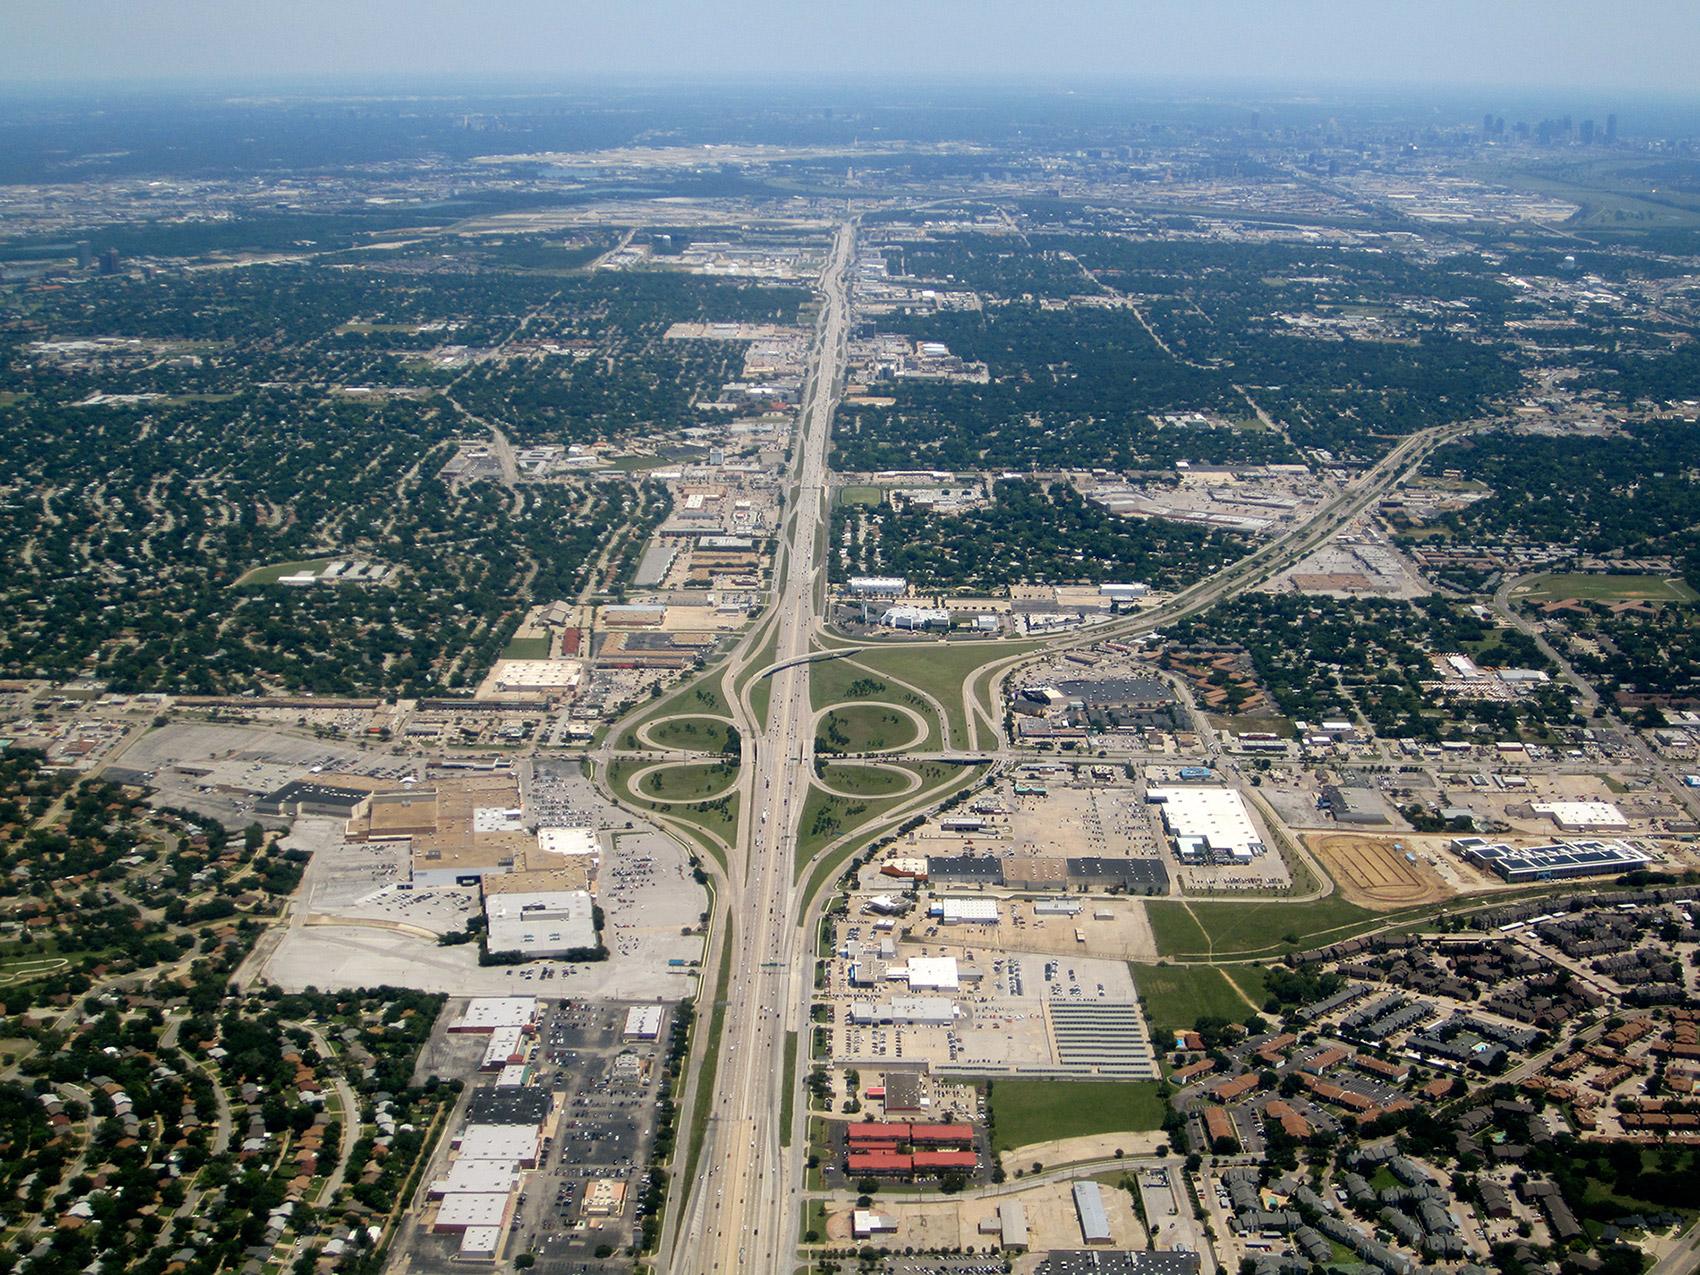 Dallas suburbs. Image: La Citta Vita, CC BY-SA 2.0